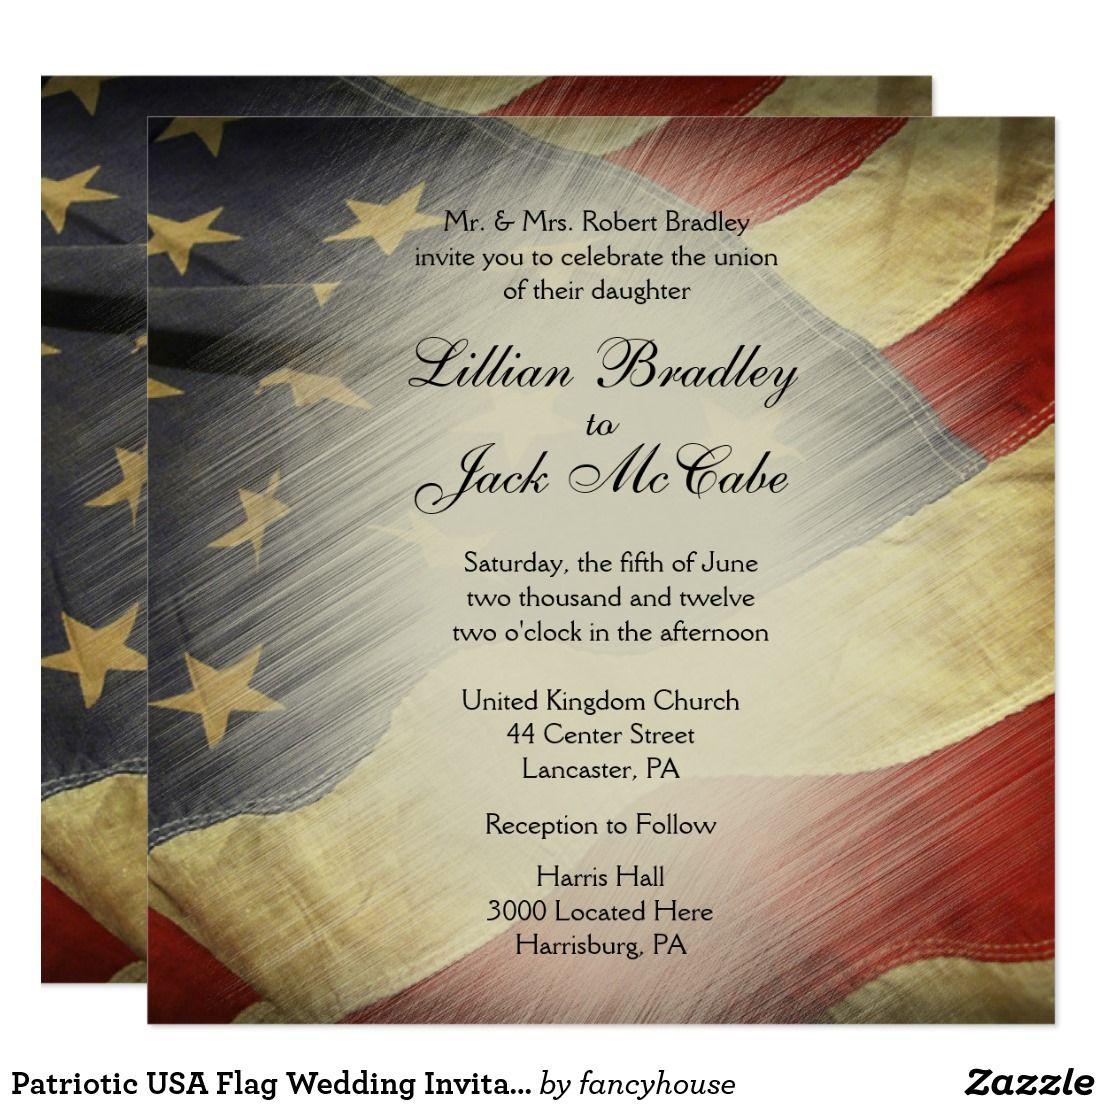 Patriotic USA Flag Wedding Invitations 40% Off #leatherwooddesign ...